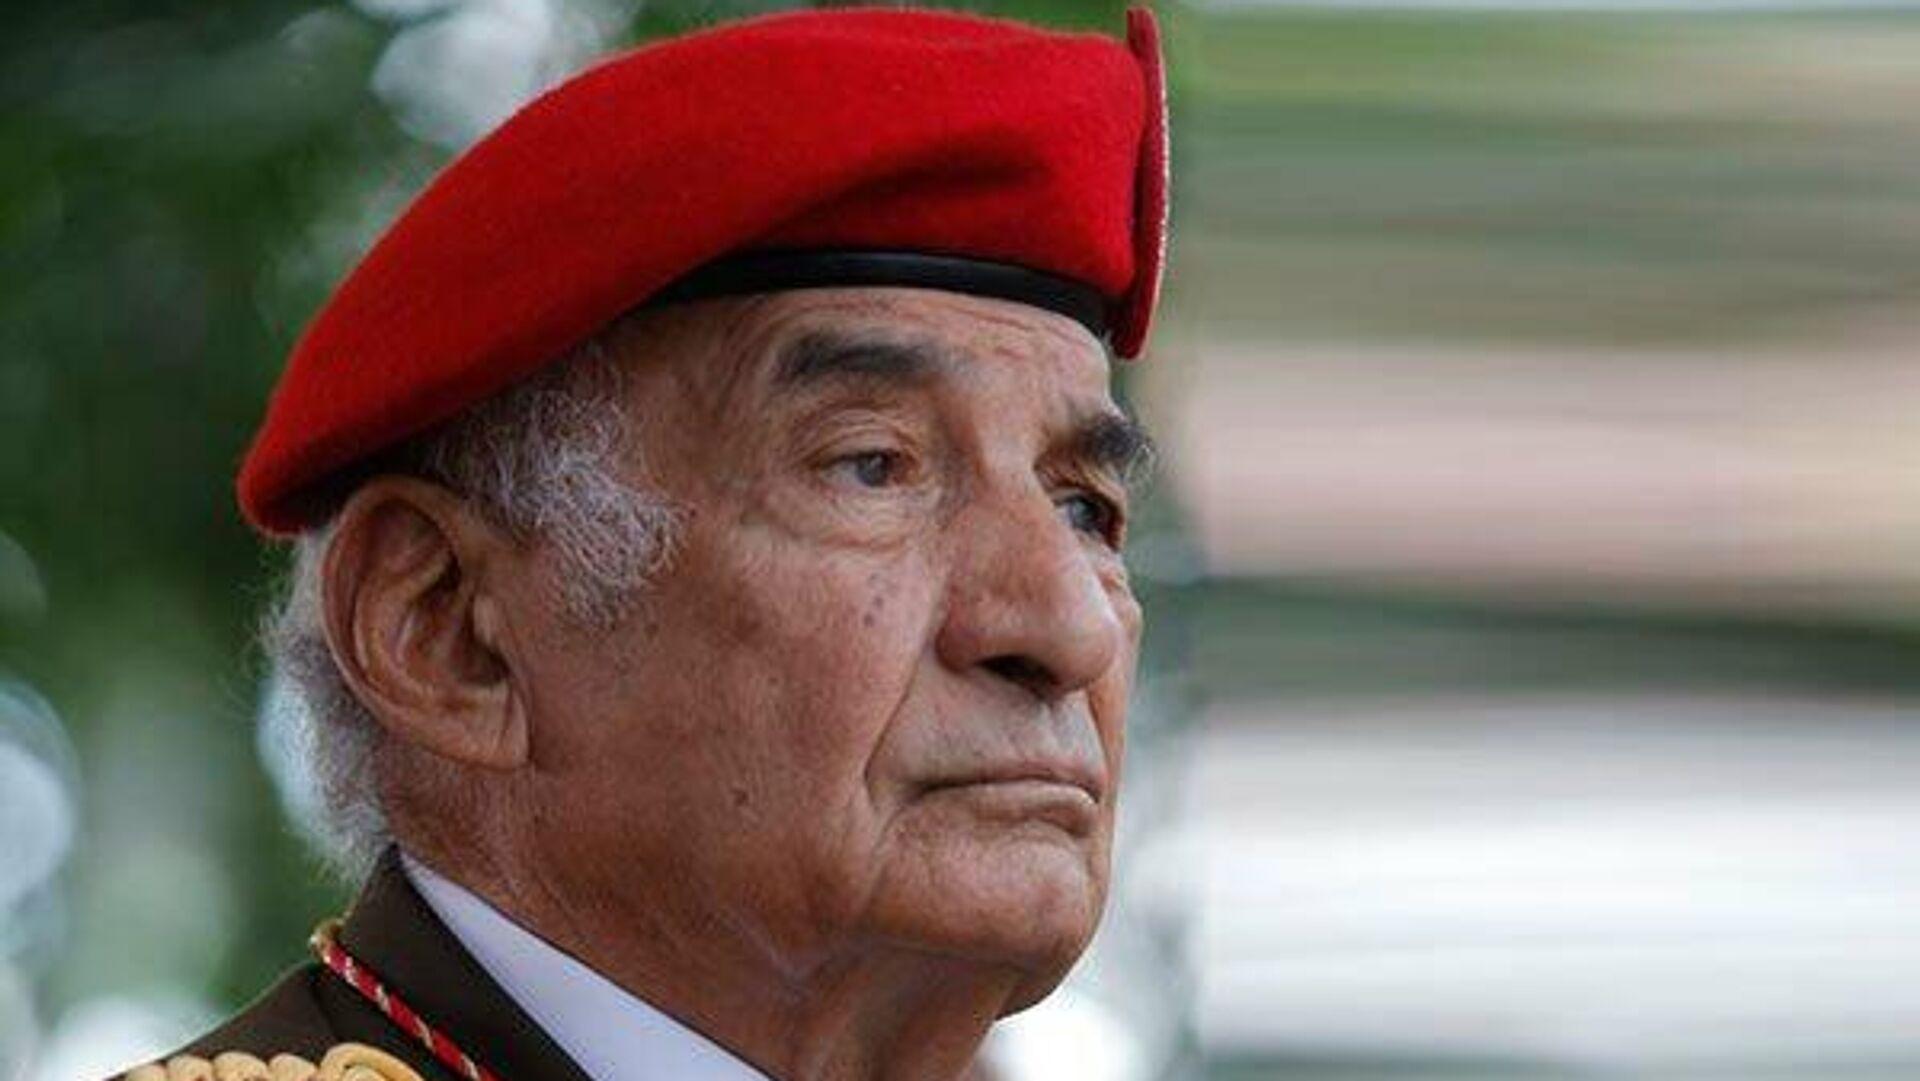 Jacinto Pérez Arcay,  jefe honorario del Estado Mayor de la Comandancia de la Fuerza Armada Nacional Bolivariana (FANB) de Venezuela - Sputnik Mundo, 1920, 20.09.2021